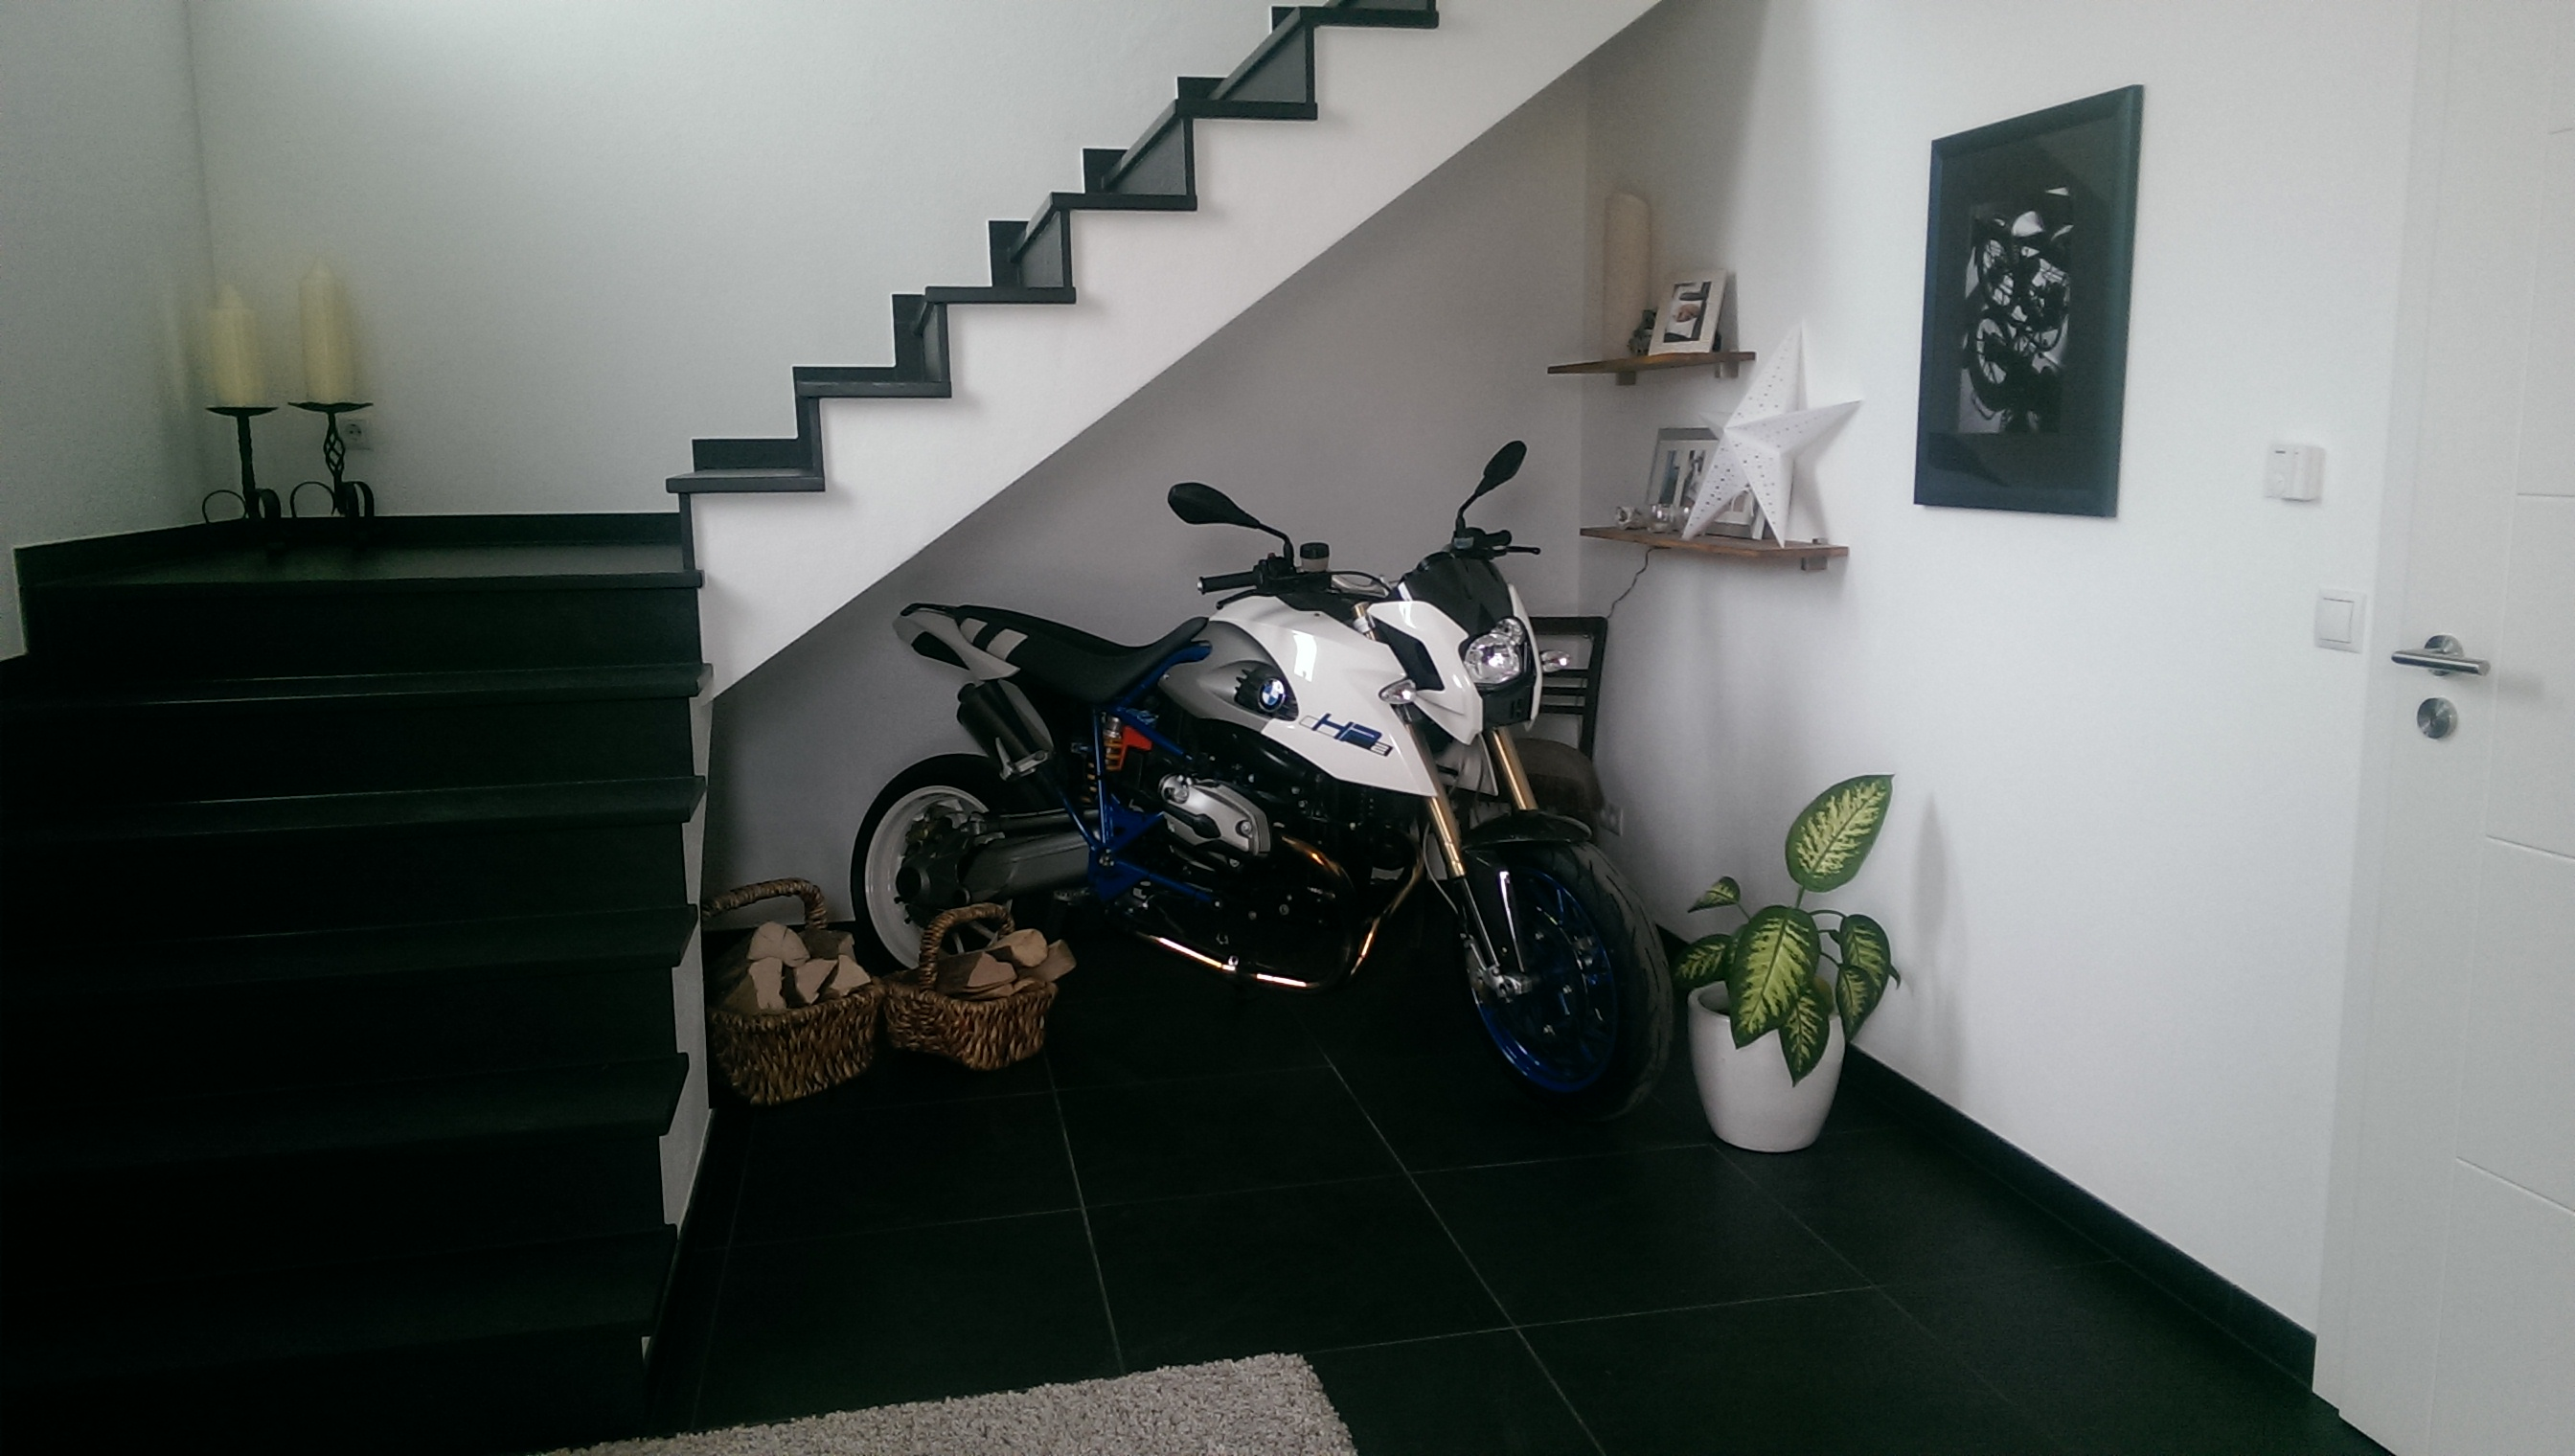 motorrad im wohnzimmer home image ideen. Black Bedroom Furniture Sets. Home Design Ideas